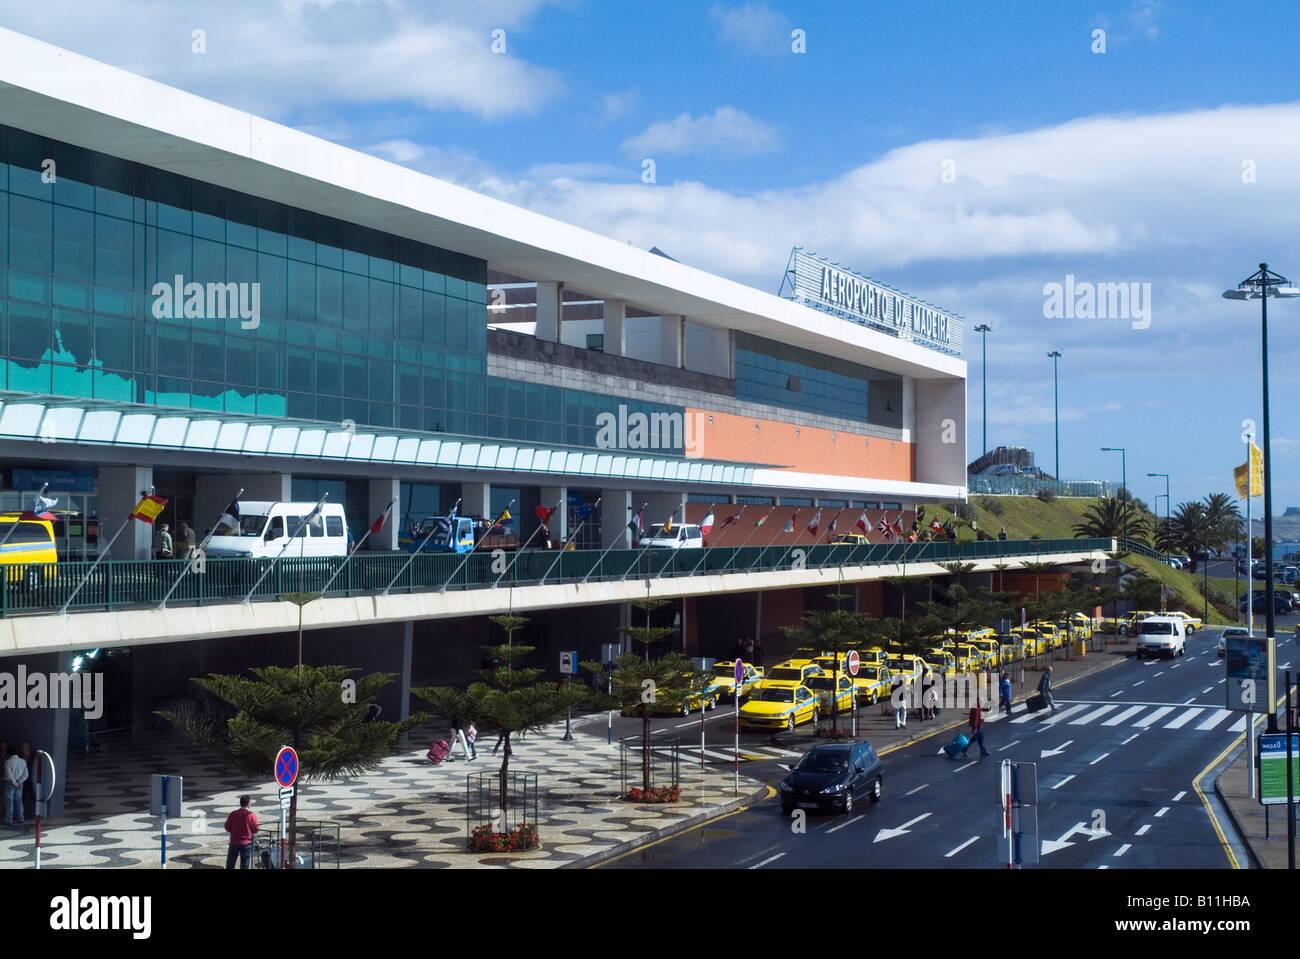 Aeroporto Madeira : Dh aeroporto de madeira funchal airport yellow